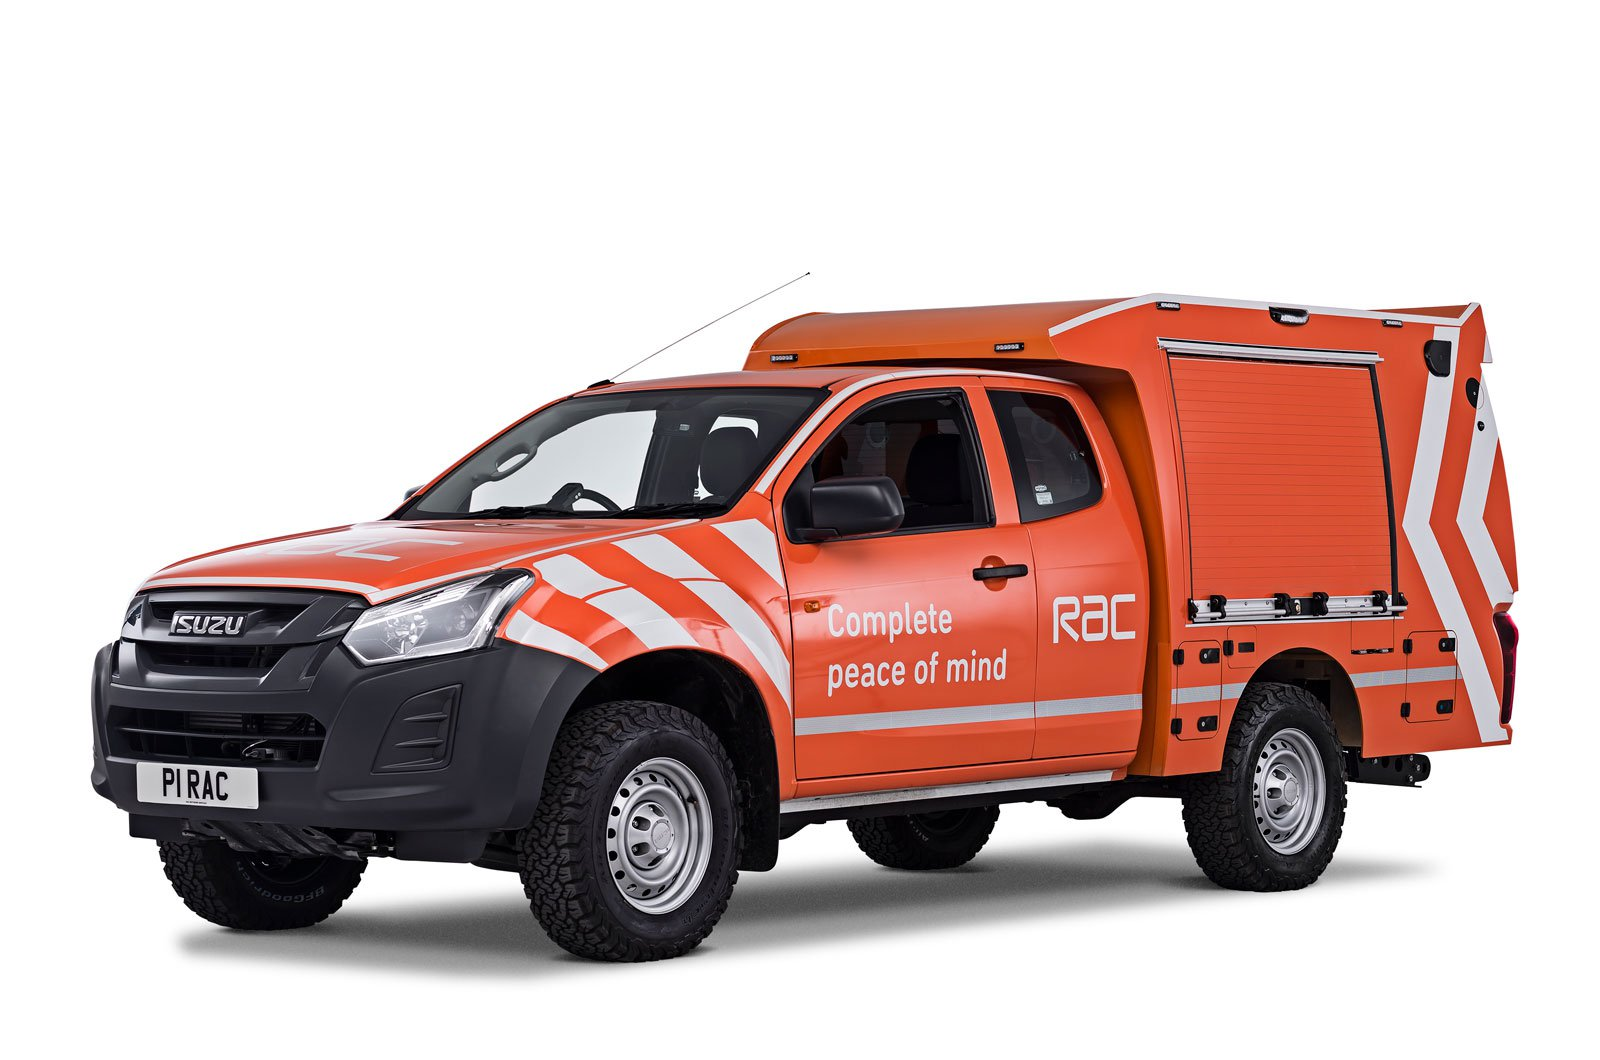 RAC heavy duty 4x4 patrol